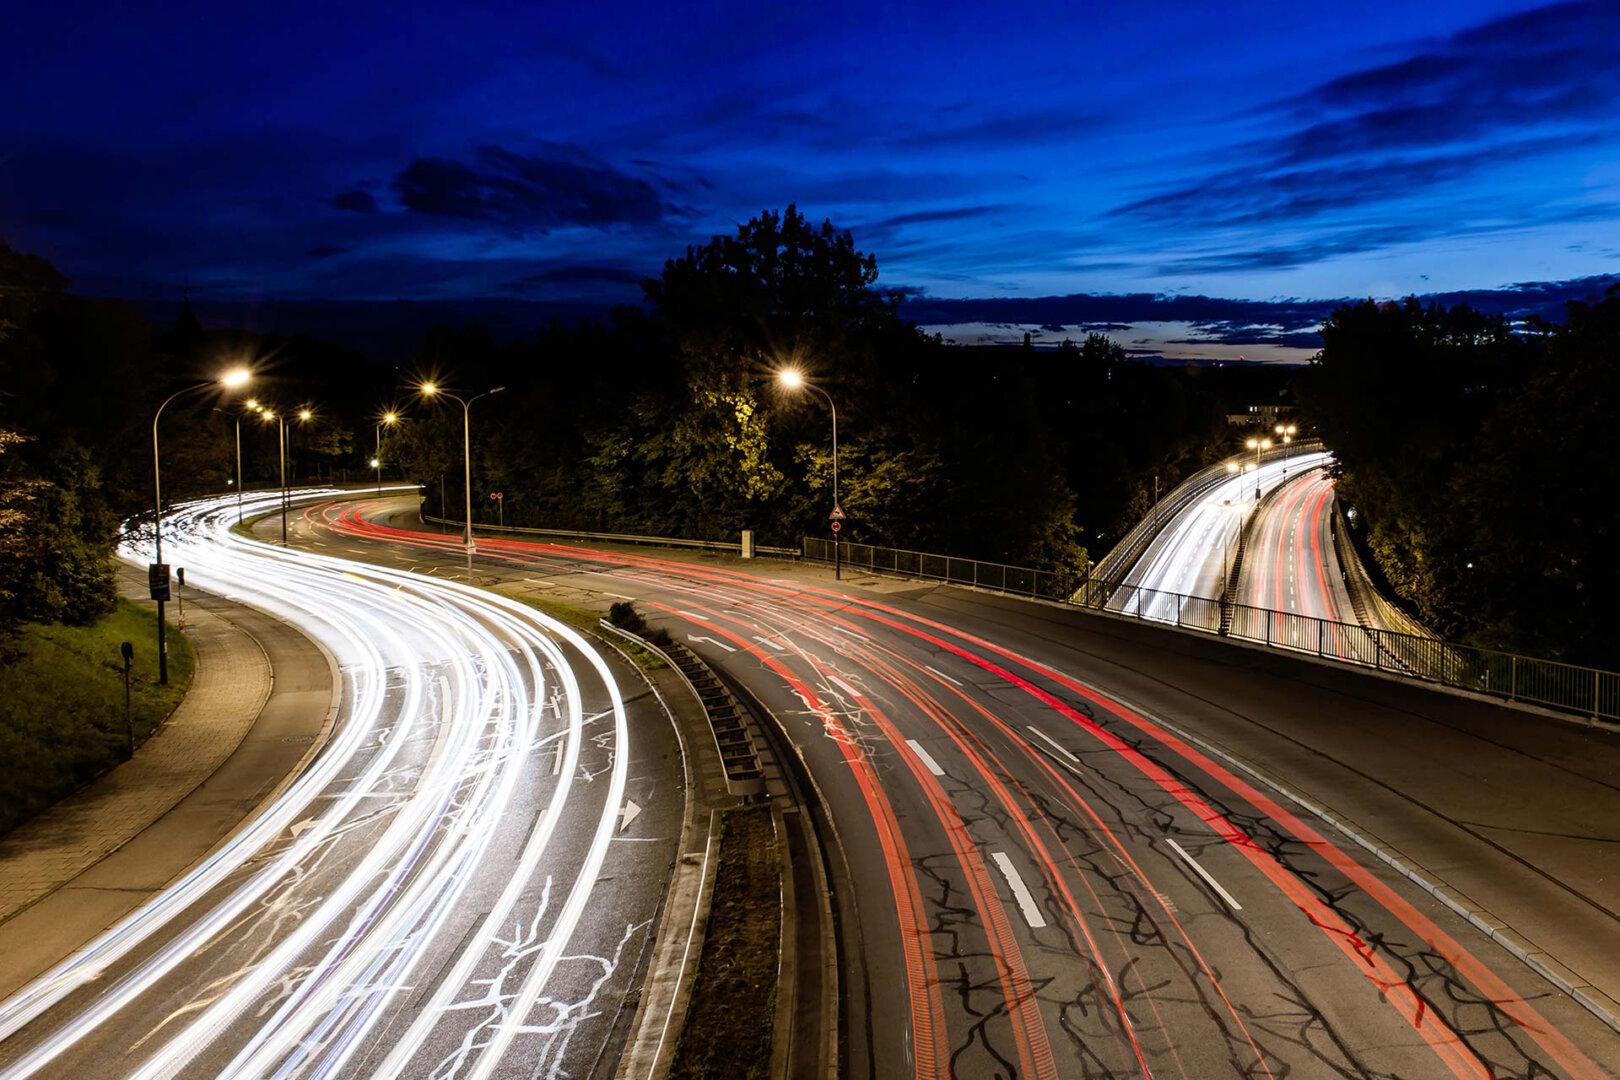 Eine Straße in der Nacht auf der Lichtlinien zu sehen sind.